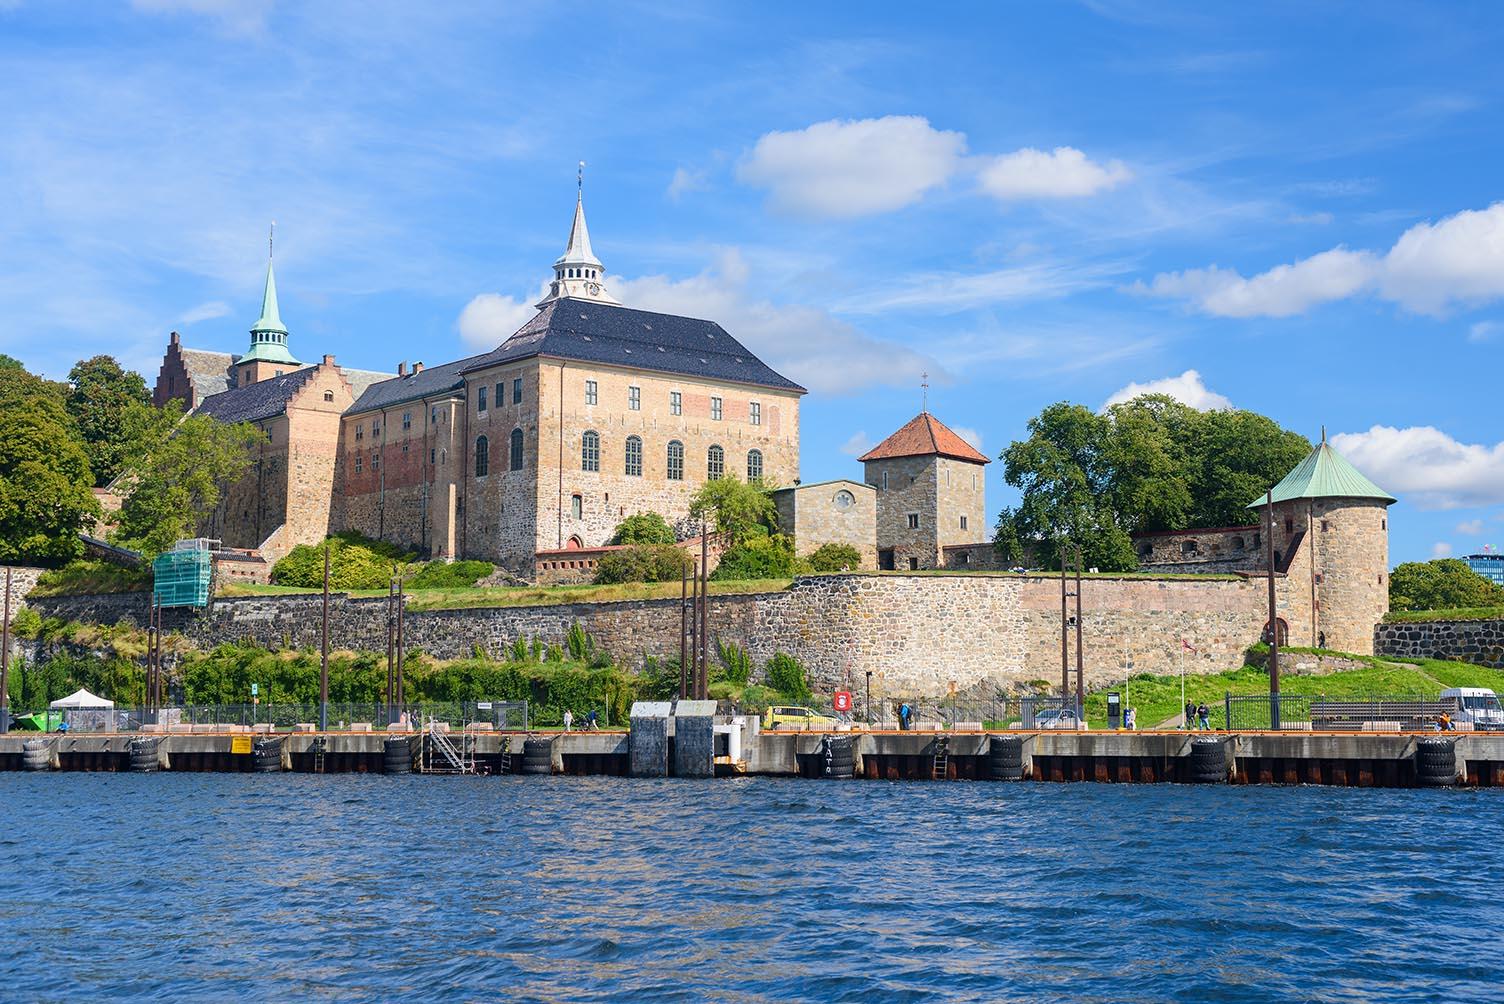 Akershus Reiselivsråd